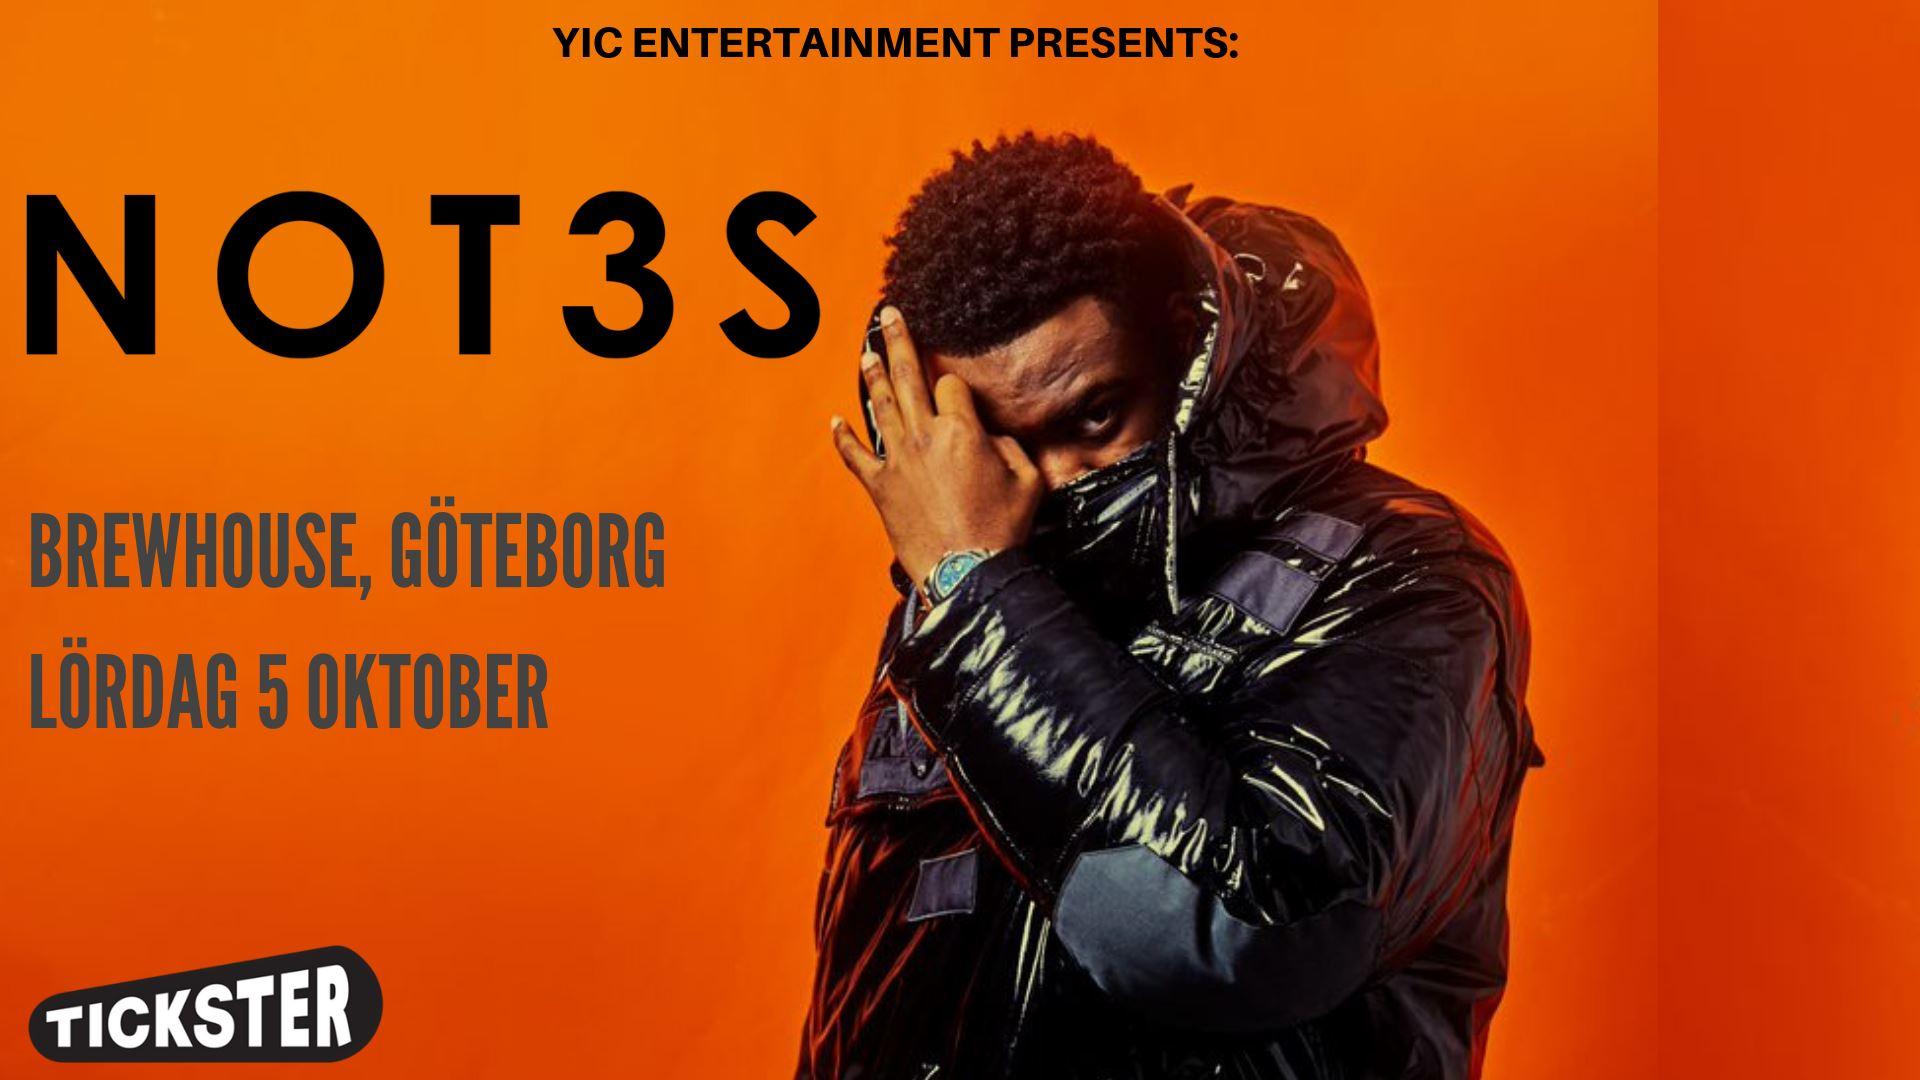 KONSERT: NOT3S (UK) LIVE | Brewhouse, Göteborg